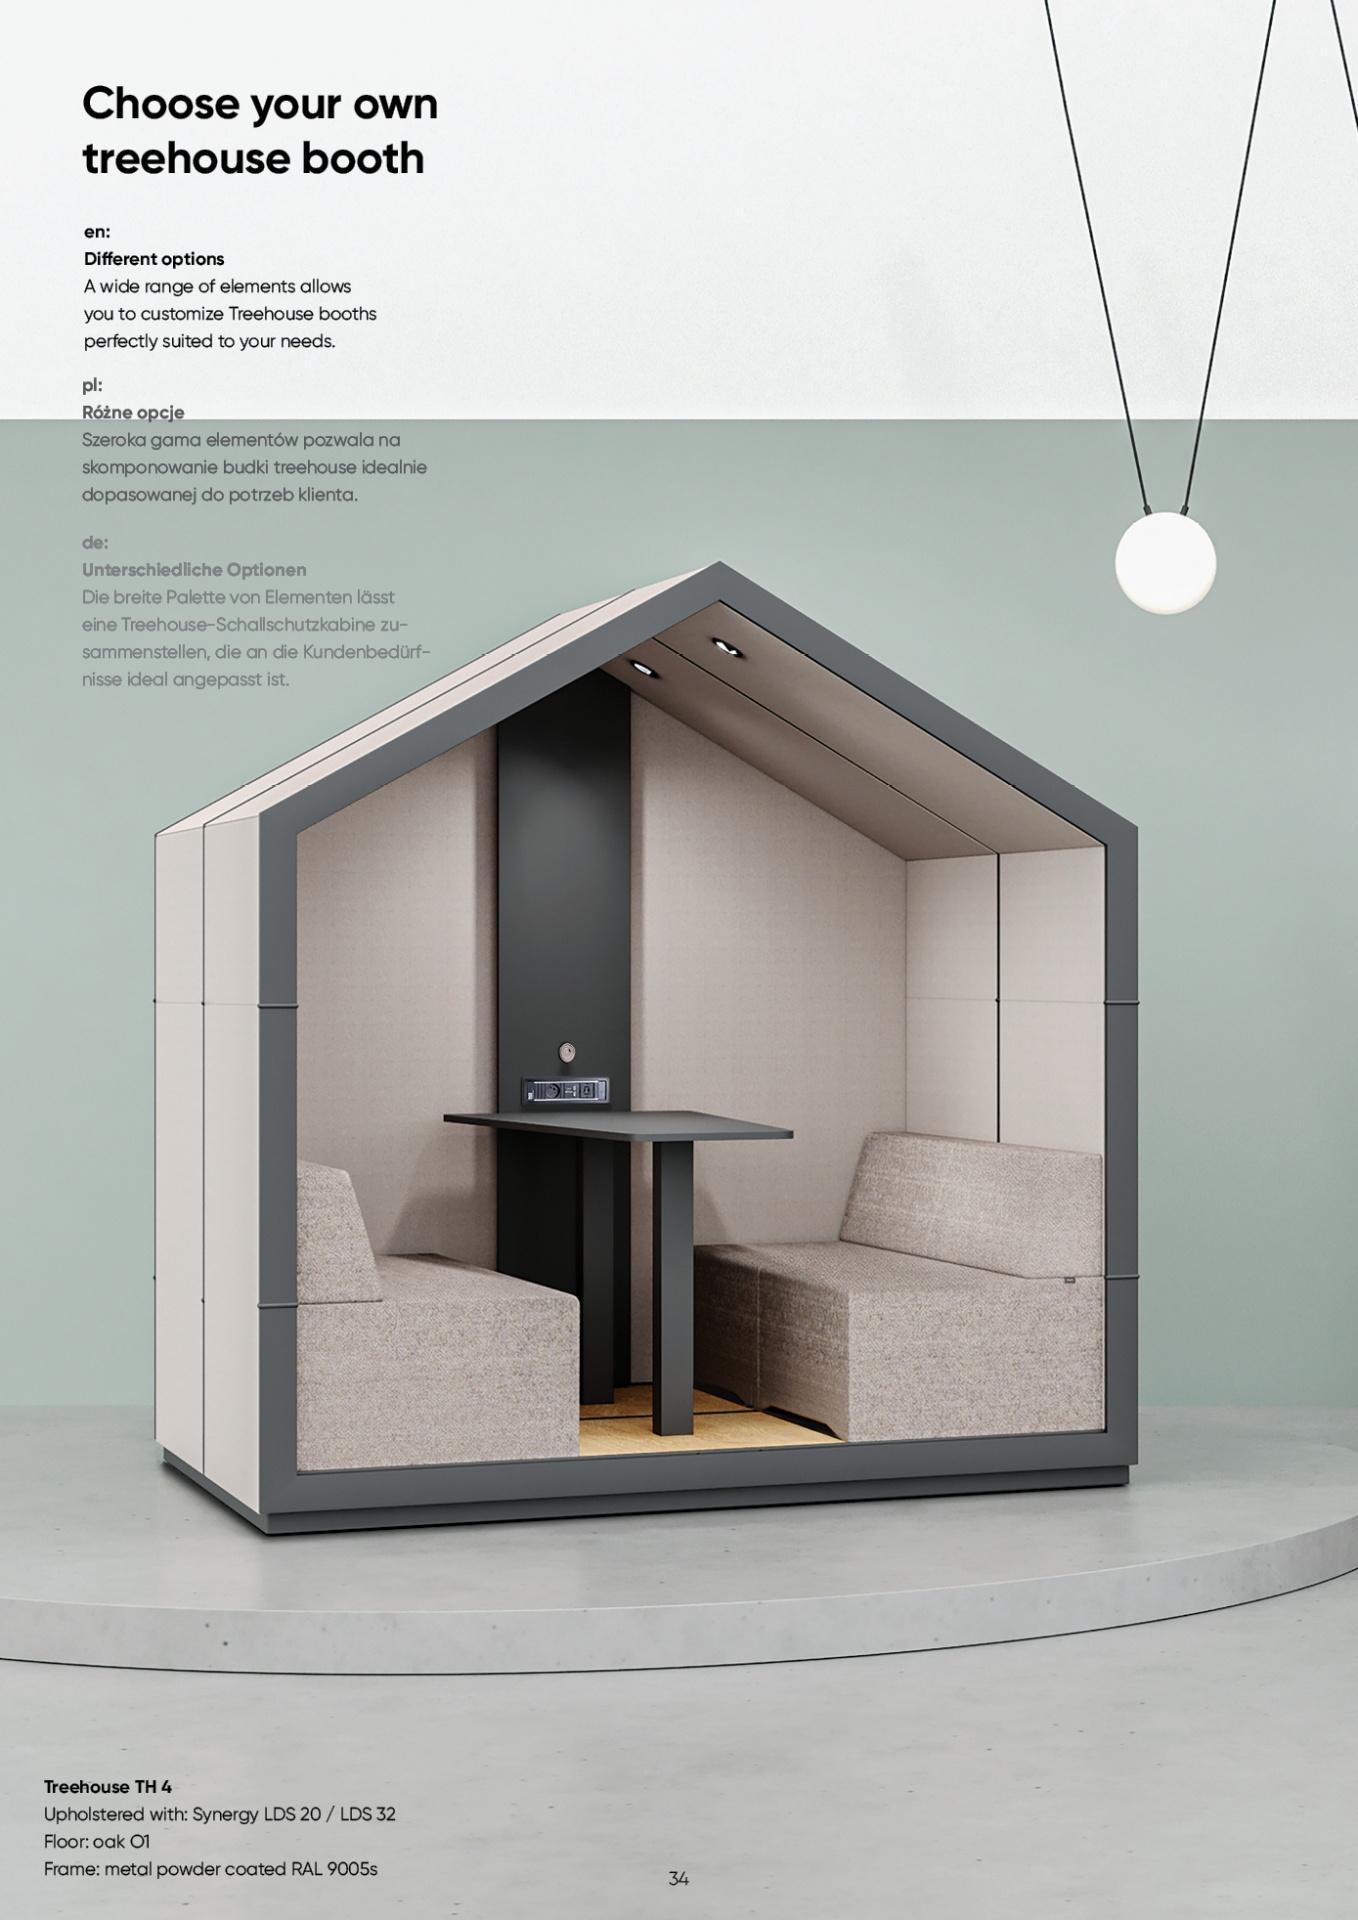 treehouse-catalogue-v2-34.jpg